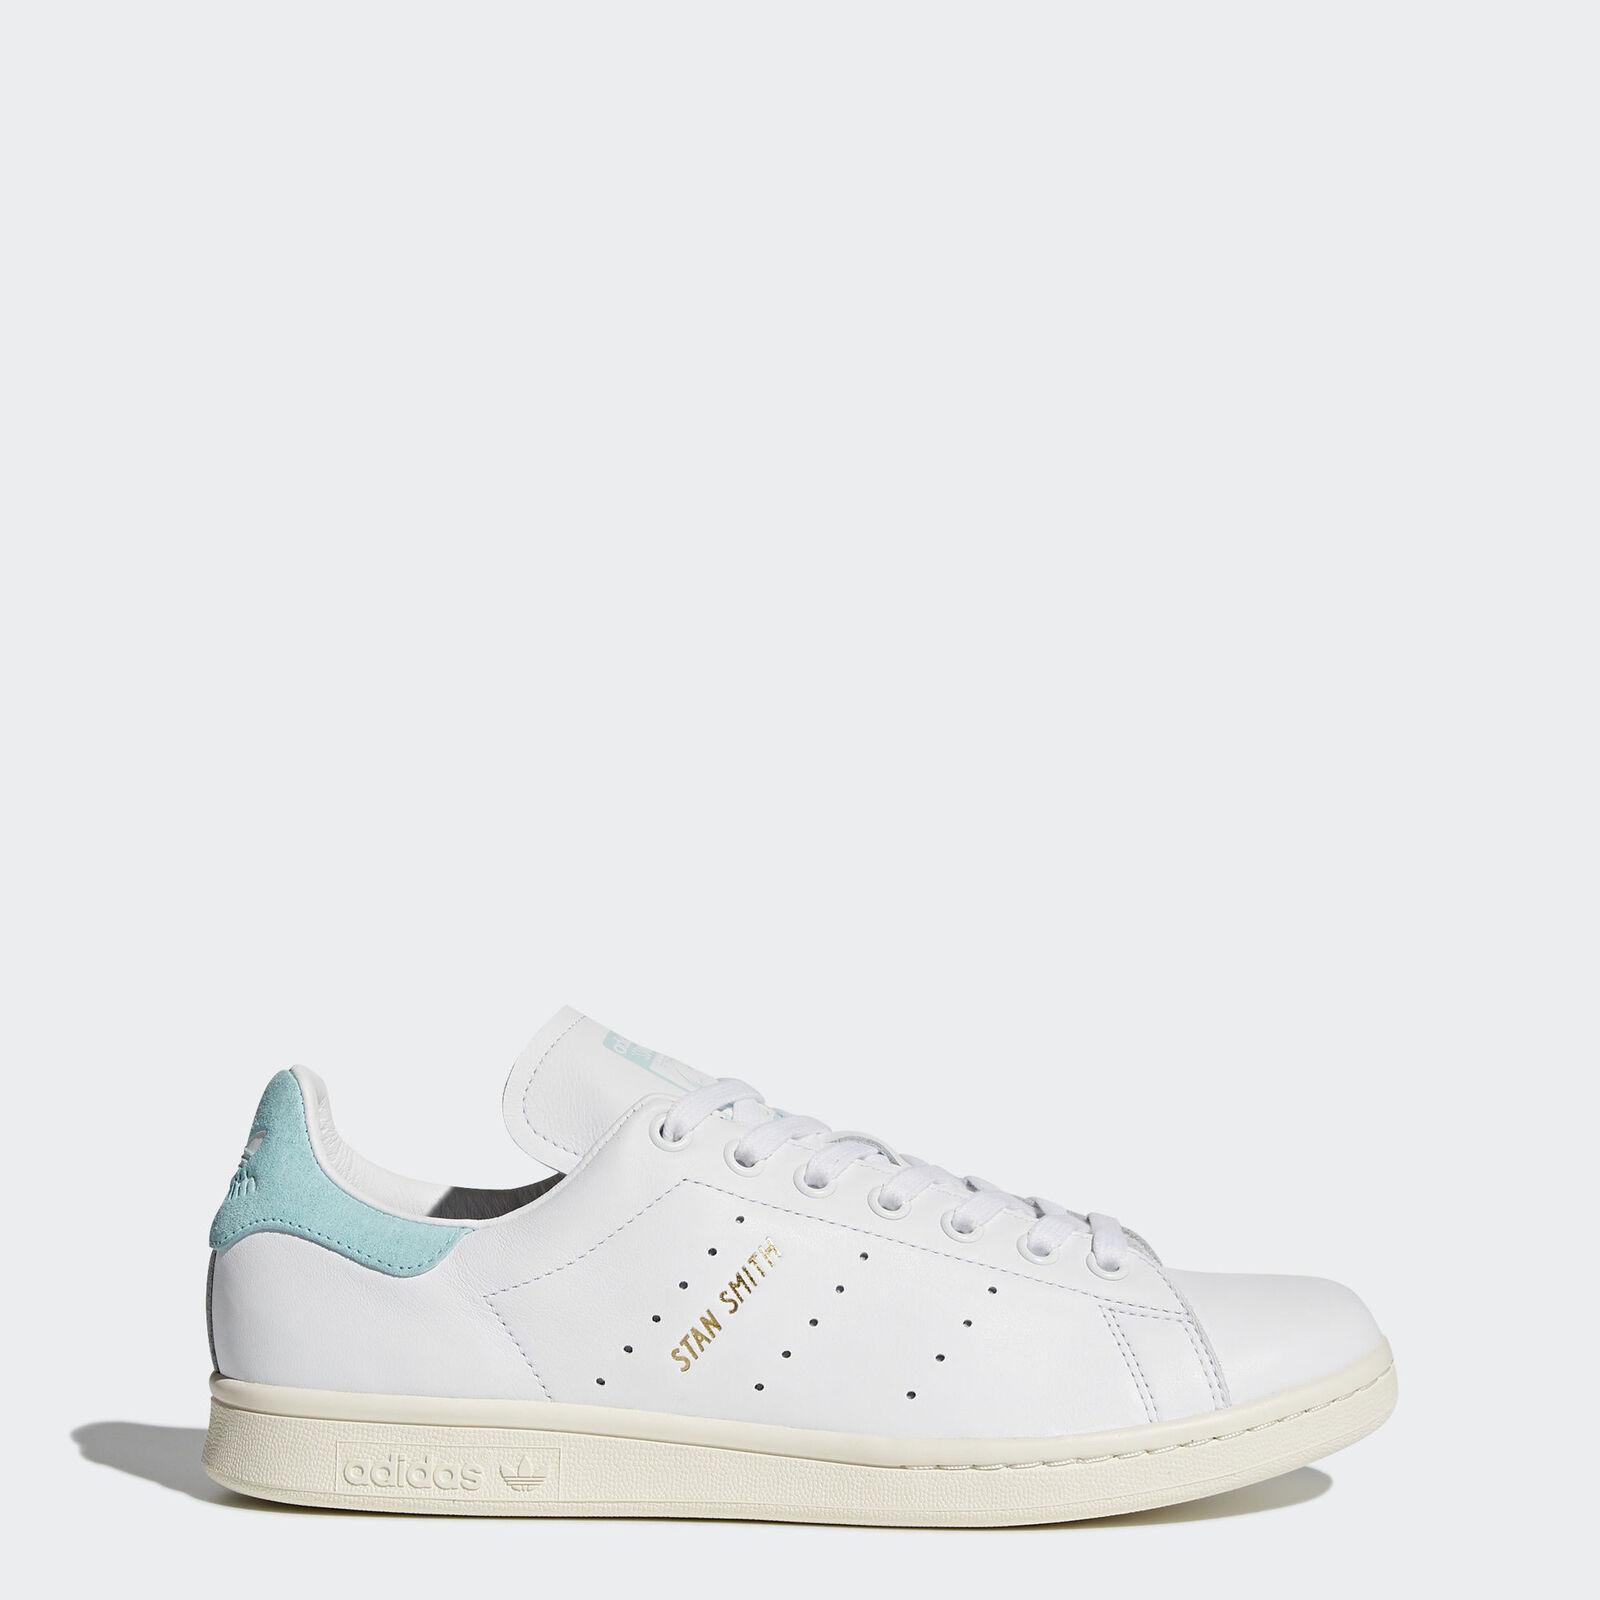 Adidas Originals Stan / Smith [bz0461] hombres casual zapatos blanco / Stan energía Aqua 2b5954